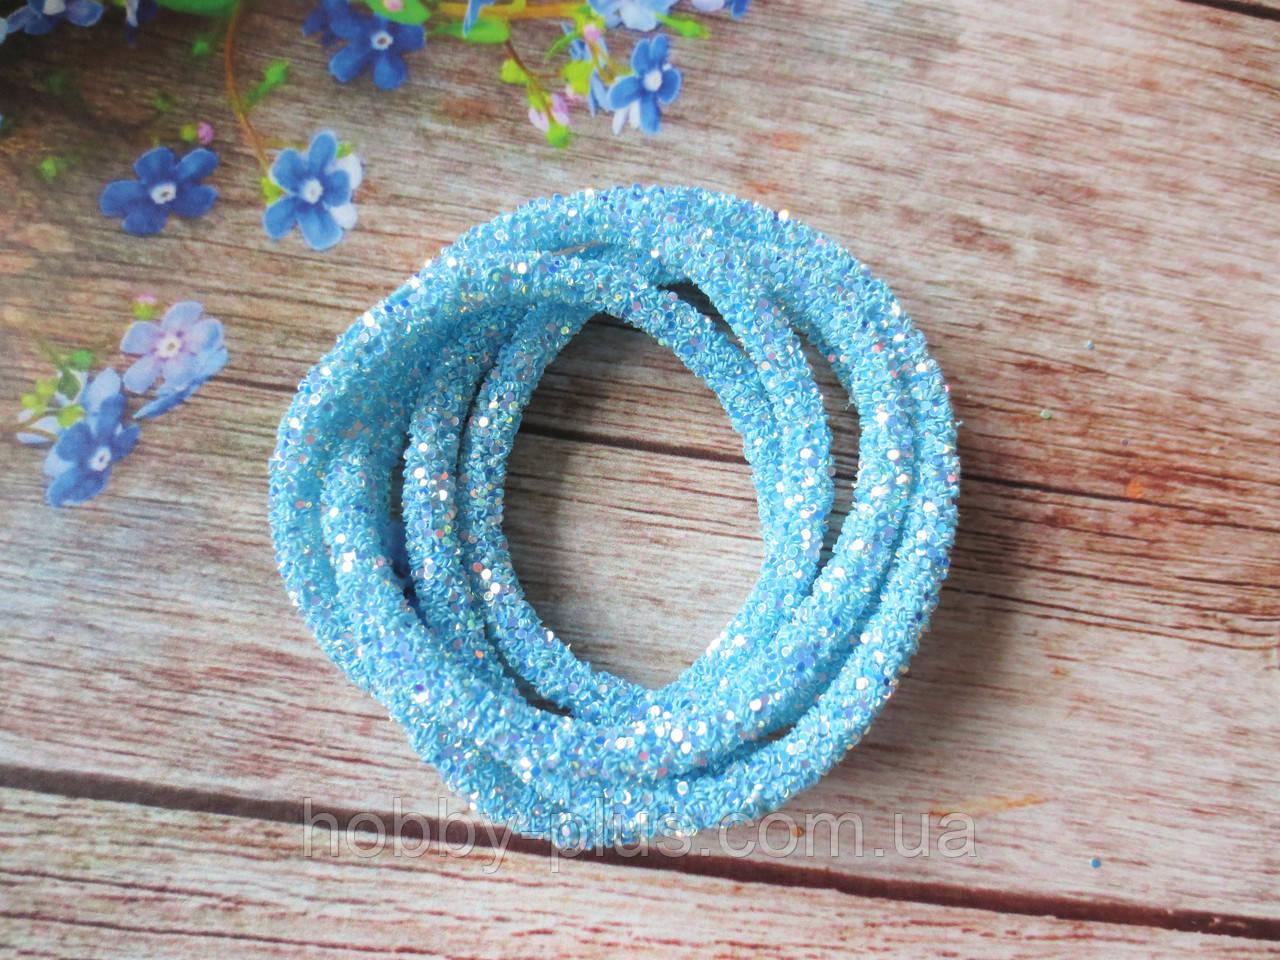 Полый шнур в блестках, цвет ГОЛУБОЙ, 1 м